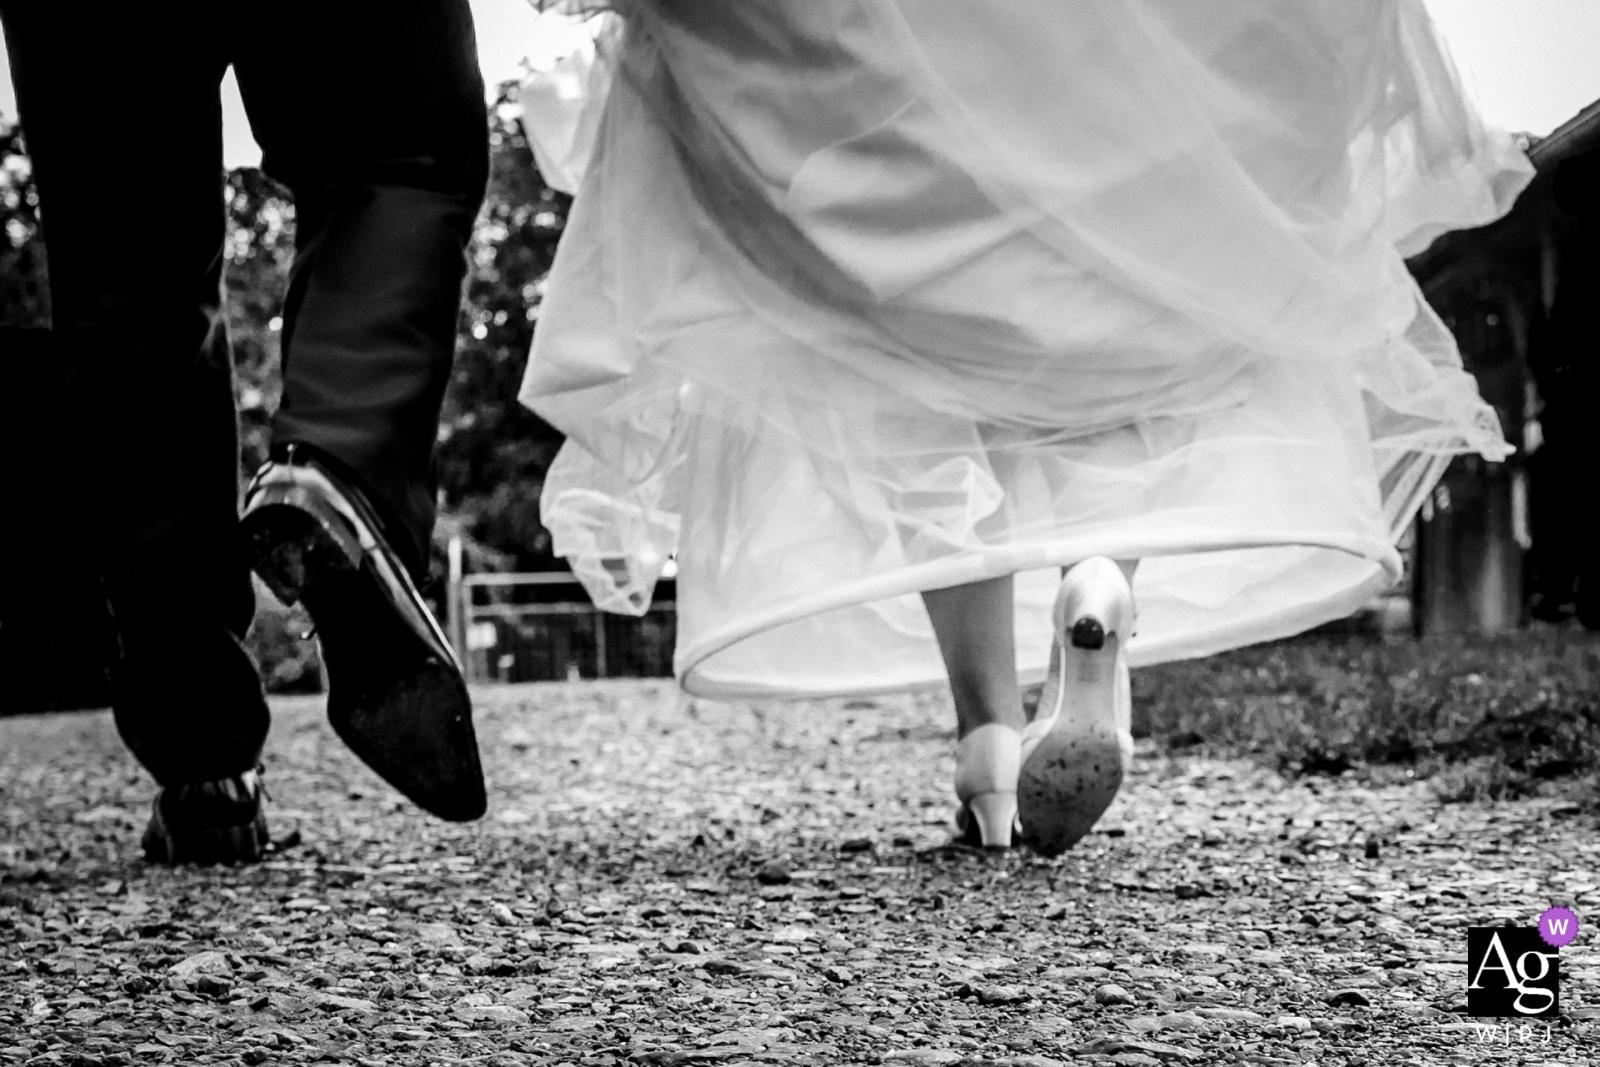 NRW détails de photographie de mariage artistique | mariés s'éloignant des pieds